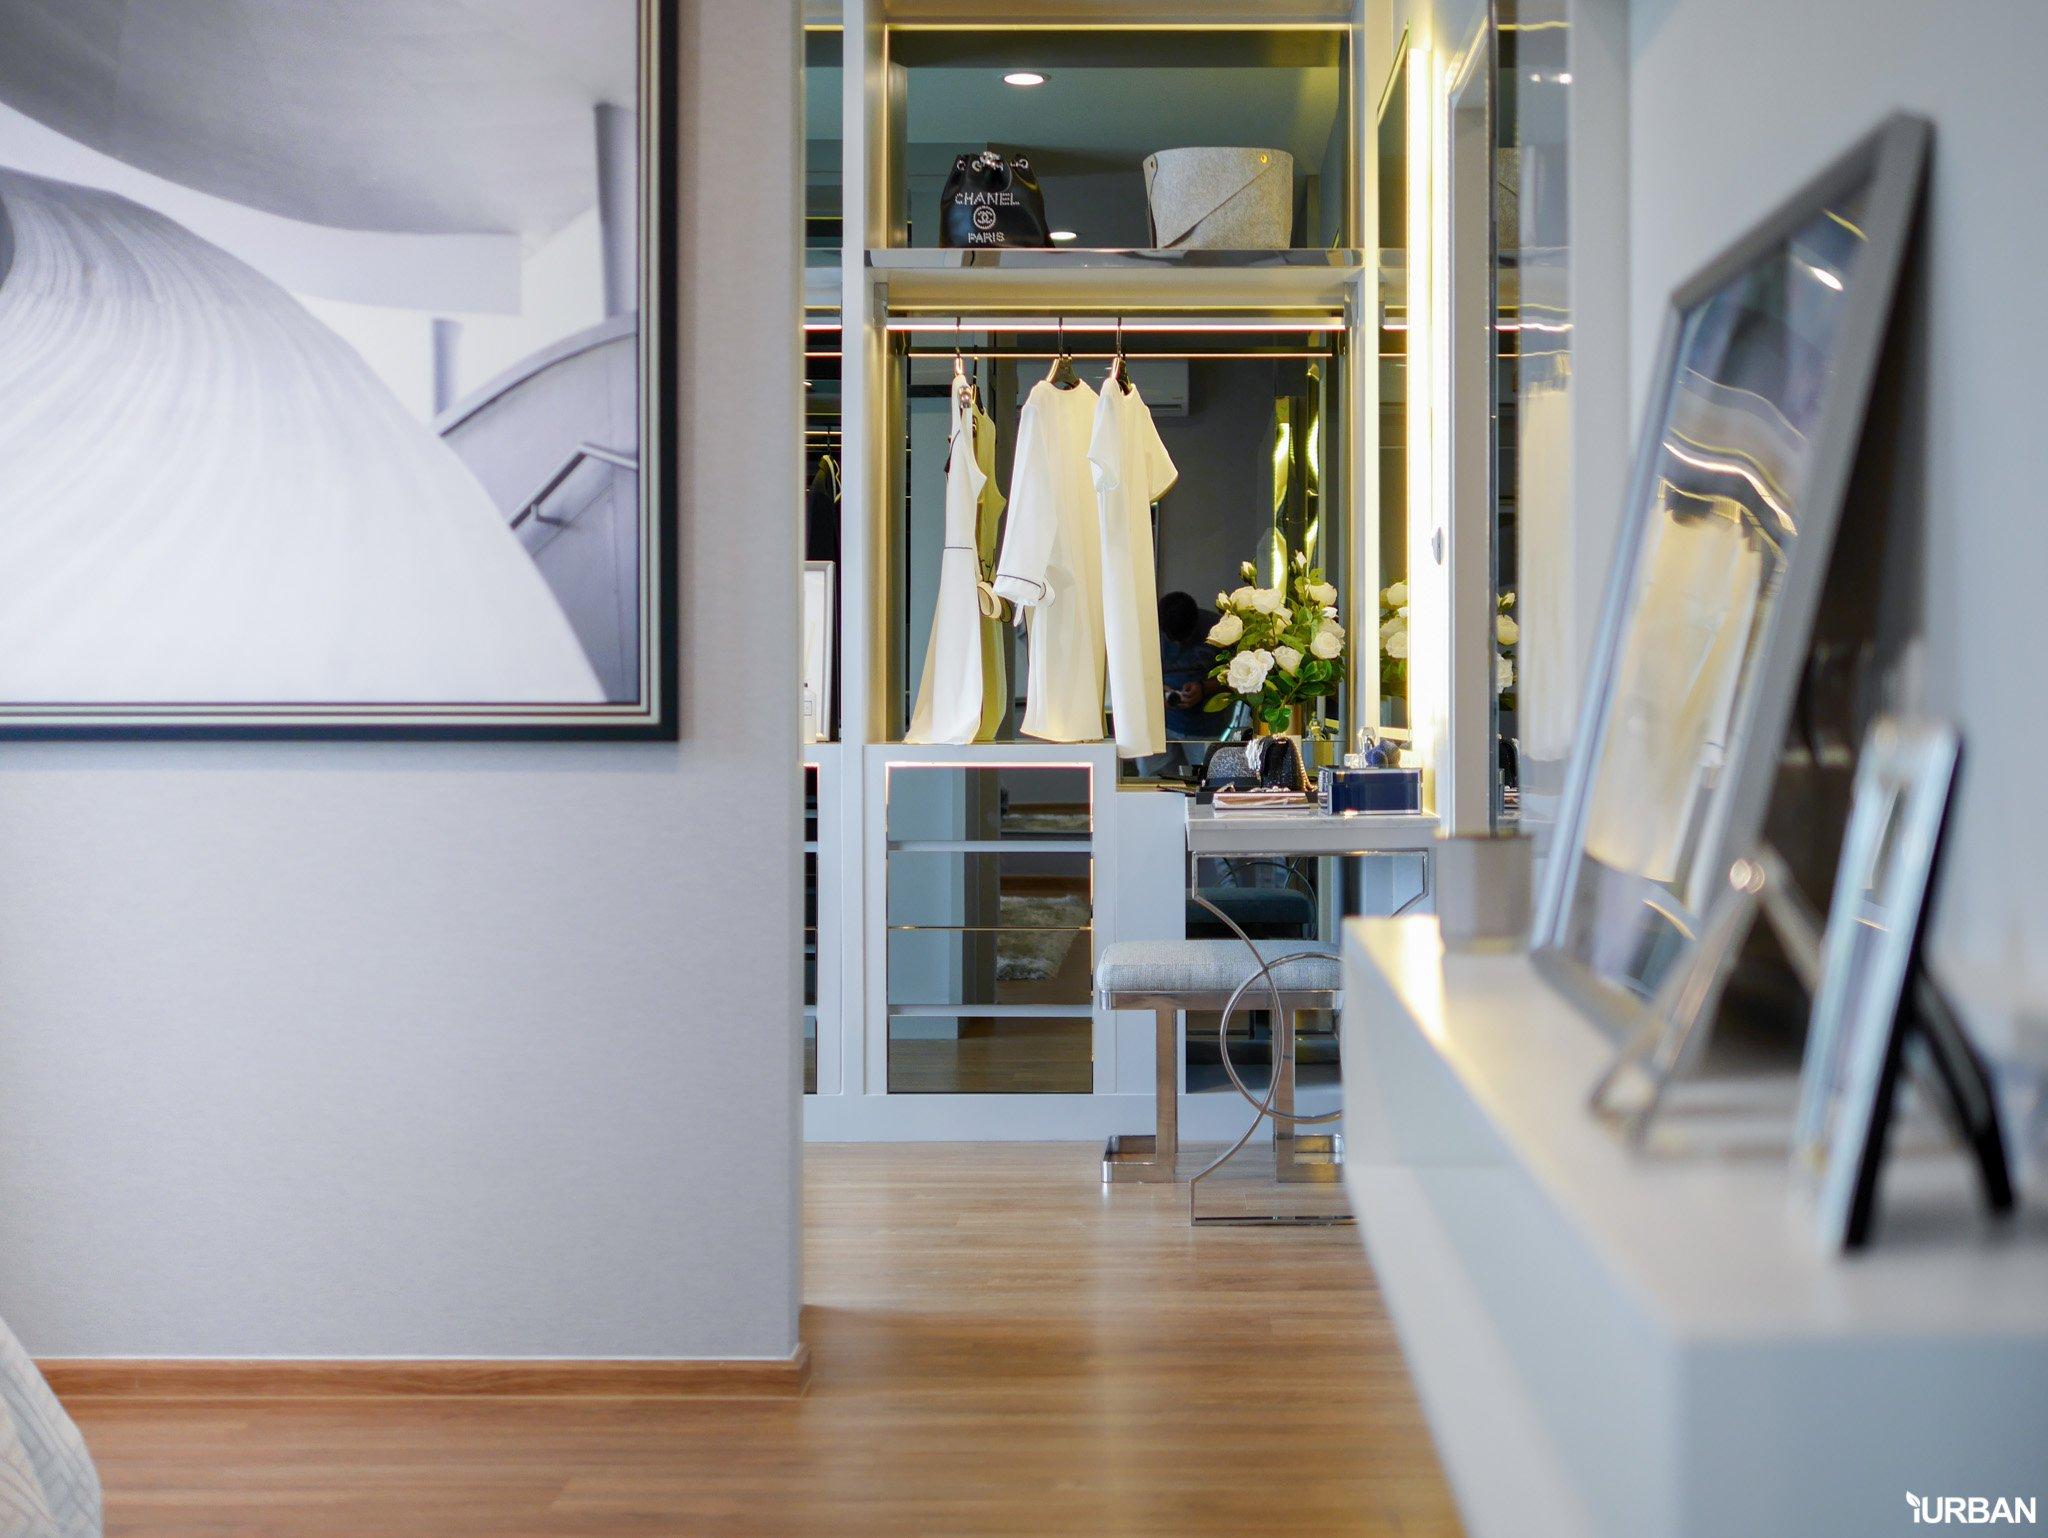 AIRI แอริ พระราม 2 บ้านเดี่ยว 4 ห้องนอน ออกแบบโปร่งสบายด้วยแนวคิดผสานการใช้ชีวิตกับธรรมชาติ 51 - Ananda Development (อนันดา ดีเวลลอปเม้นท์)